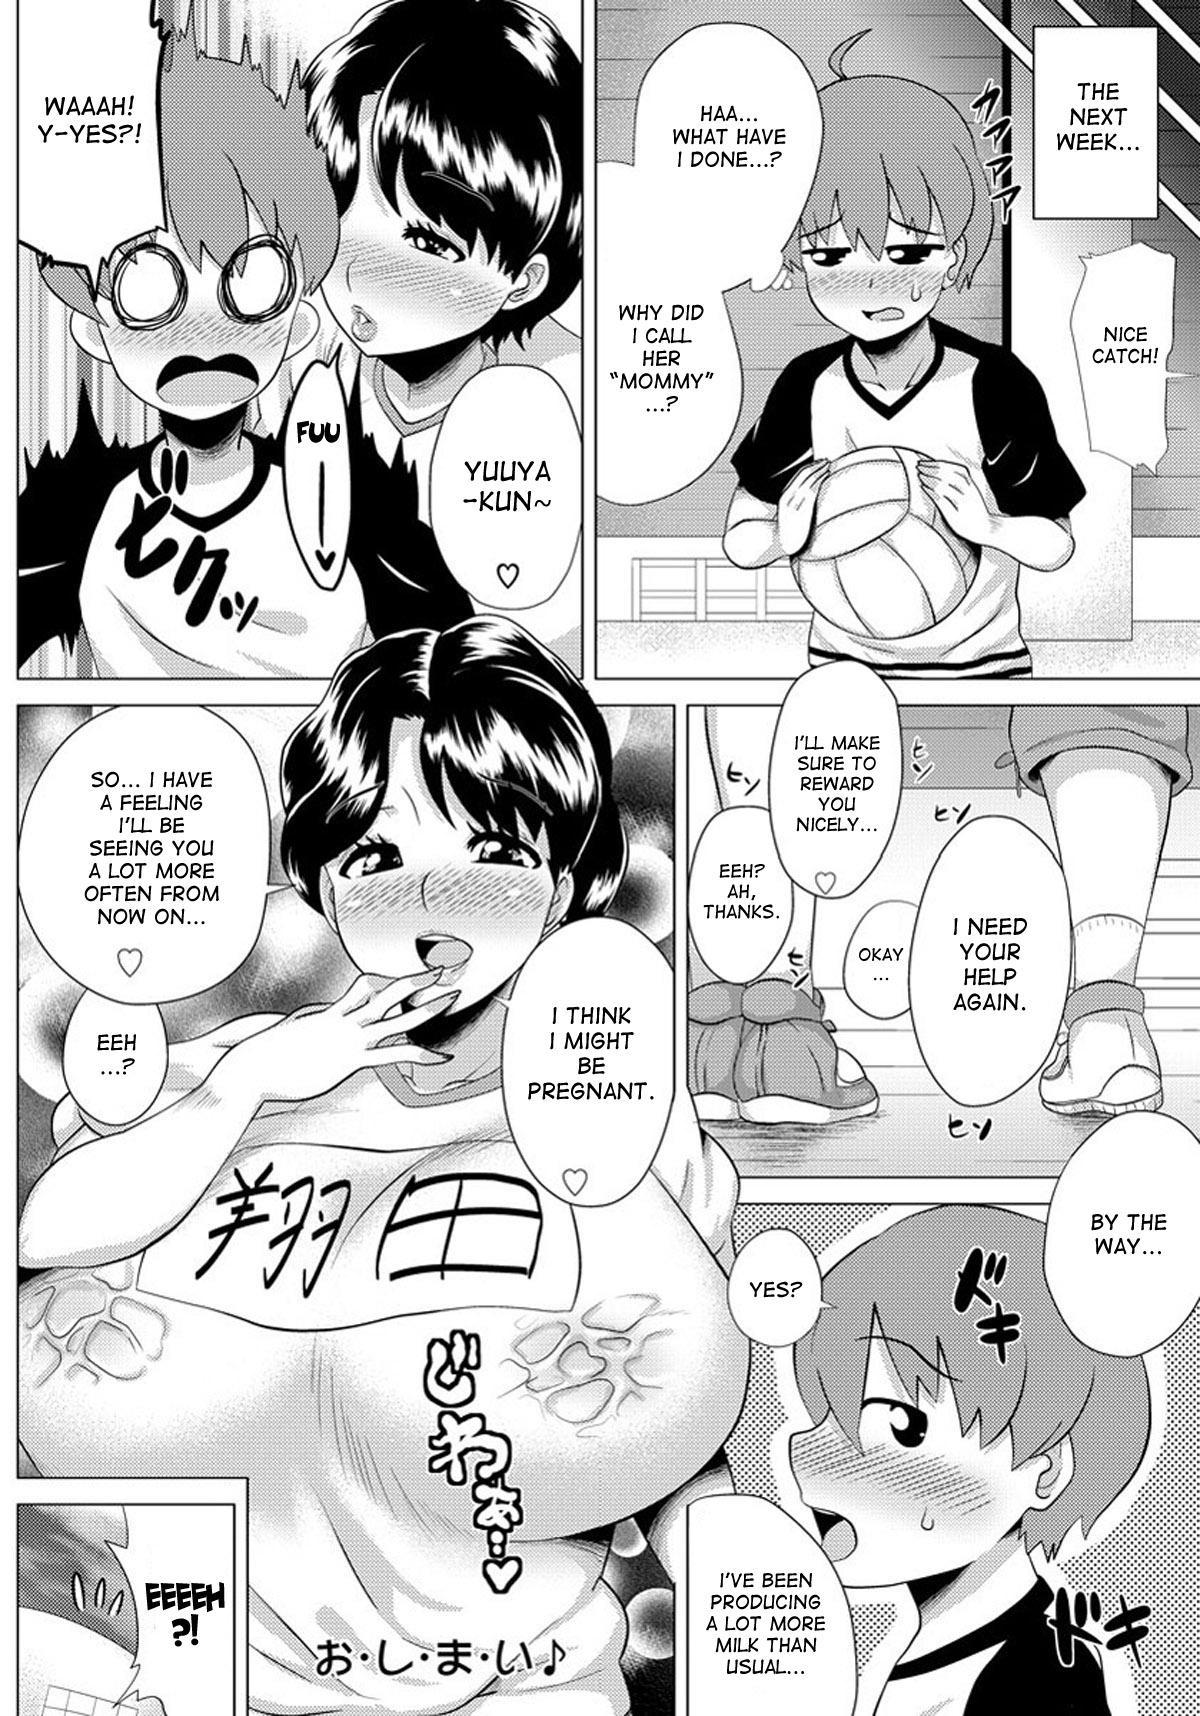 [Yokkora] Megabody Night ~Watashi no Oniku wo Meshiagare~ | Megabody Night ~My voluptuous body & mom love~ [English] {Laruffi + desudesu + EHCOVE} 128